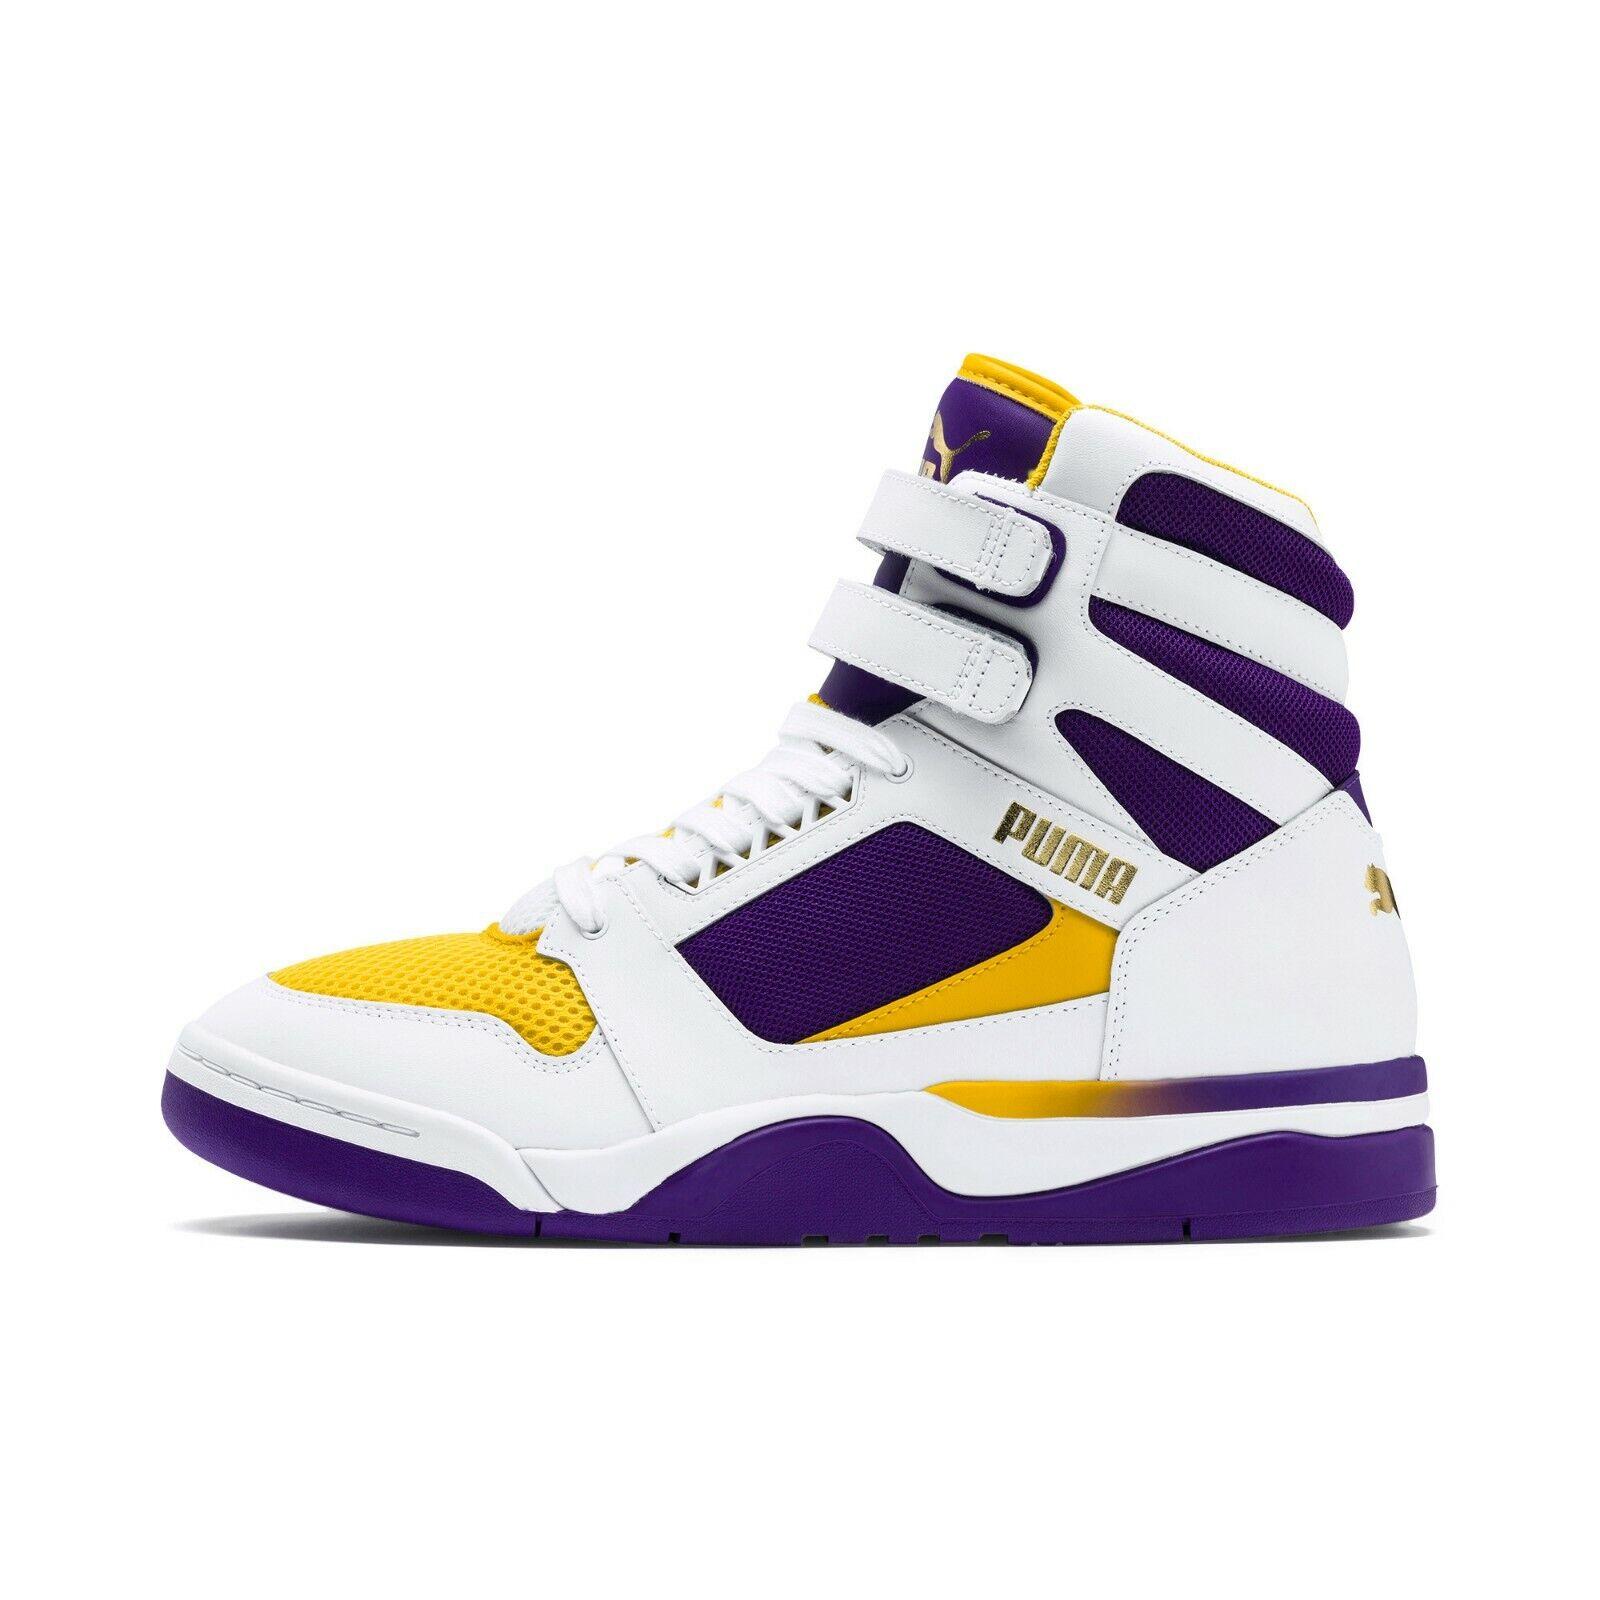 Puma Men's PALACE GUARD MID FINALS shoes Puma White Prism purple 370596-01 d